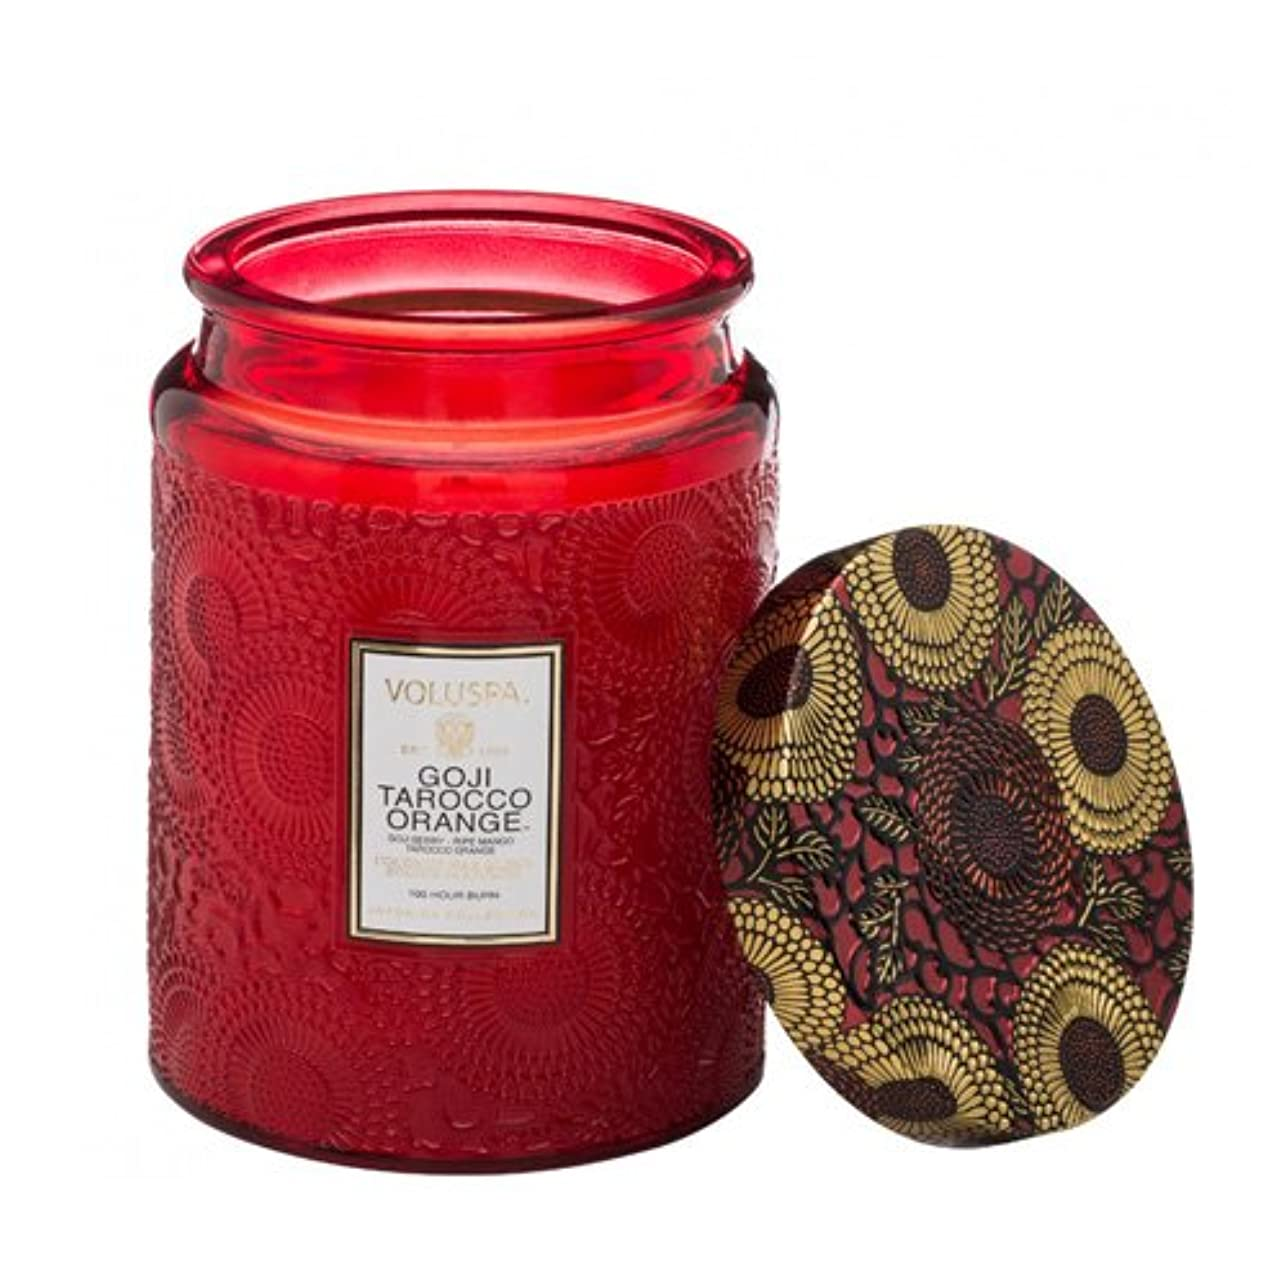 困惑野心処分したVoluspa ボルスパ ジャポニカ リミテッド グラスジャーキャンドル  L ゴージ&タロッコオレンジ GOJI & TAROCCO ORANGE JAPONICA Limited LARGE EMBOSSED Glass jar candle